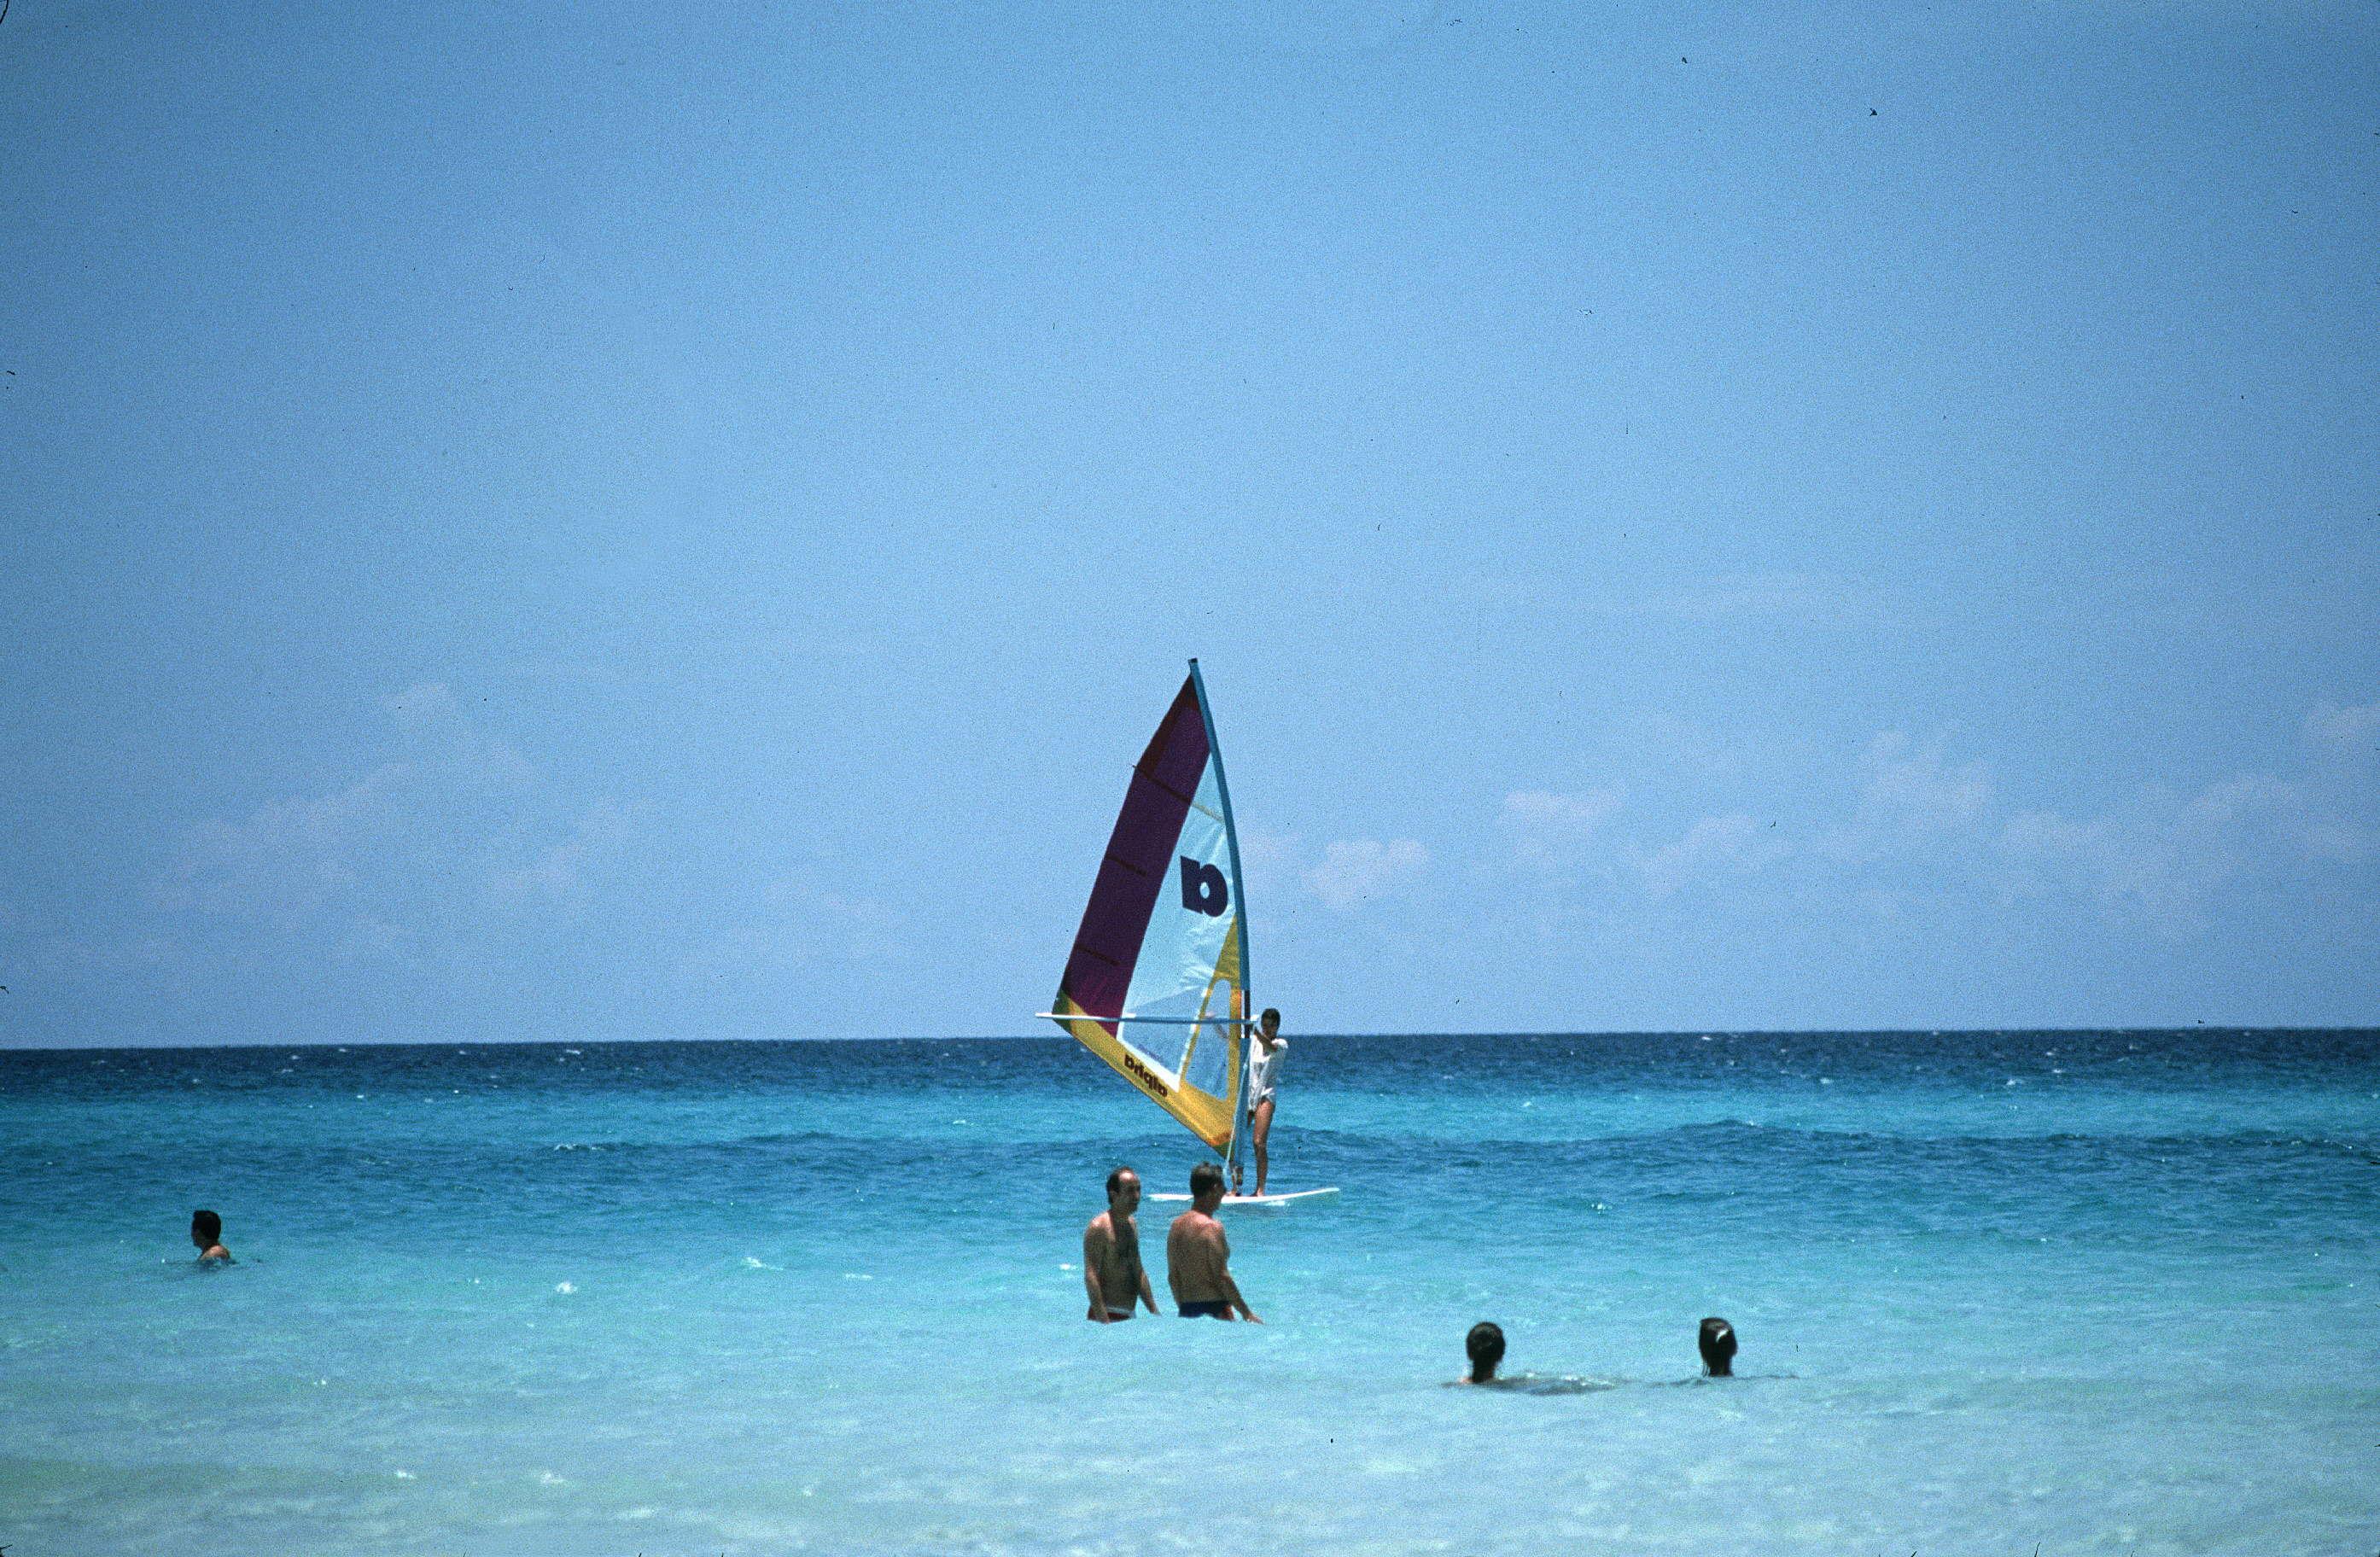 the Seaside. Varadero (Cuba), on 1988. FDM-58-1